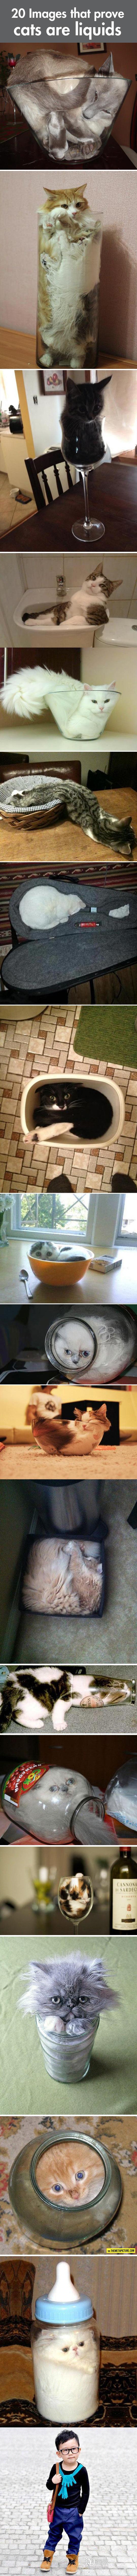 cool-cats-liquid-bowl-cute